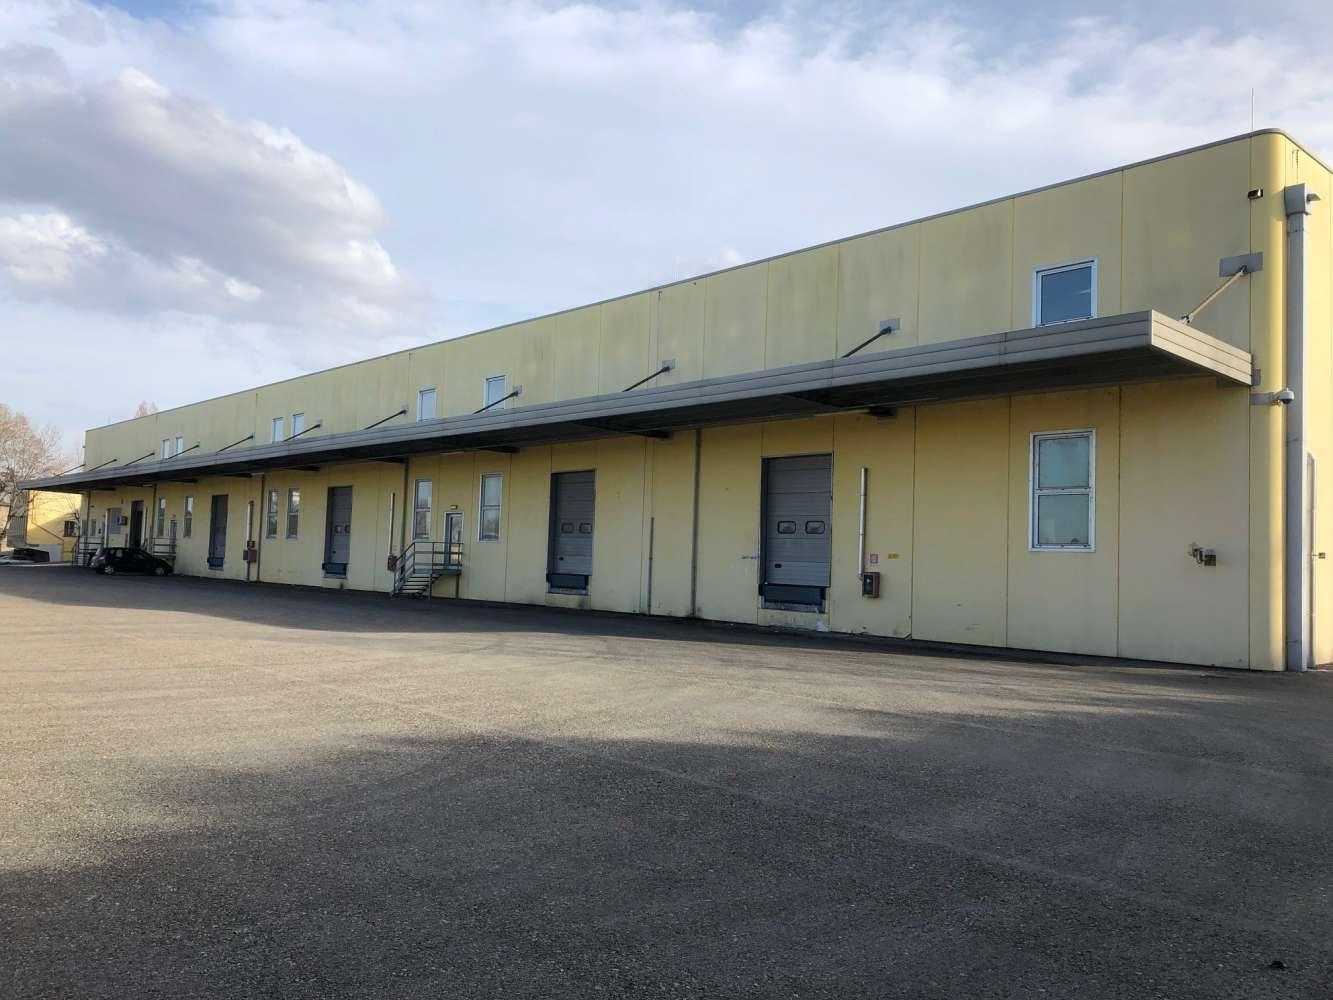 Magazzini industriali e logistici Toscanella di dozza, 40060 - Bologna Toscanella di Dozza - 10905252